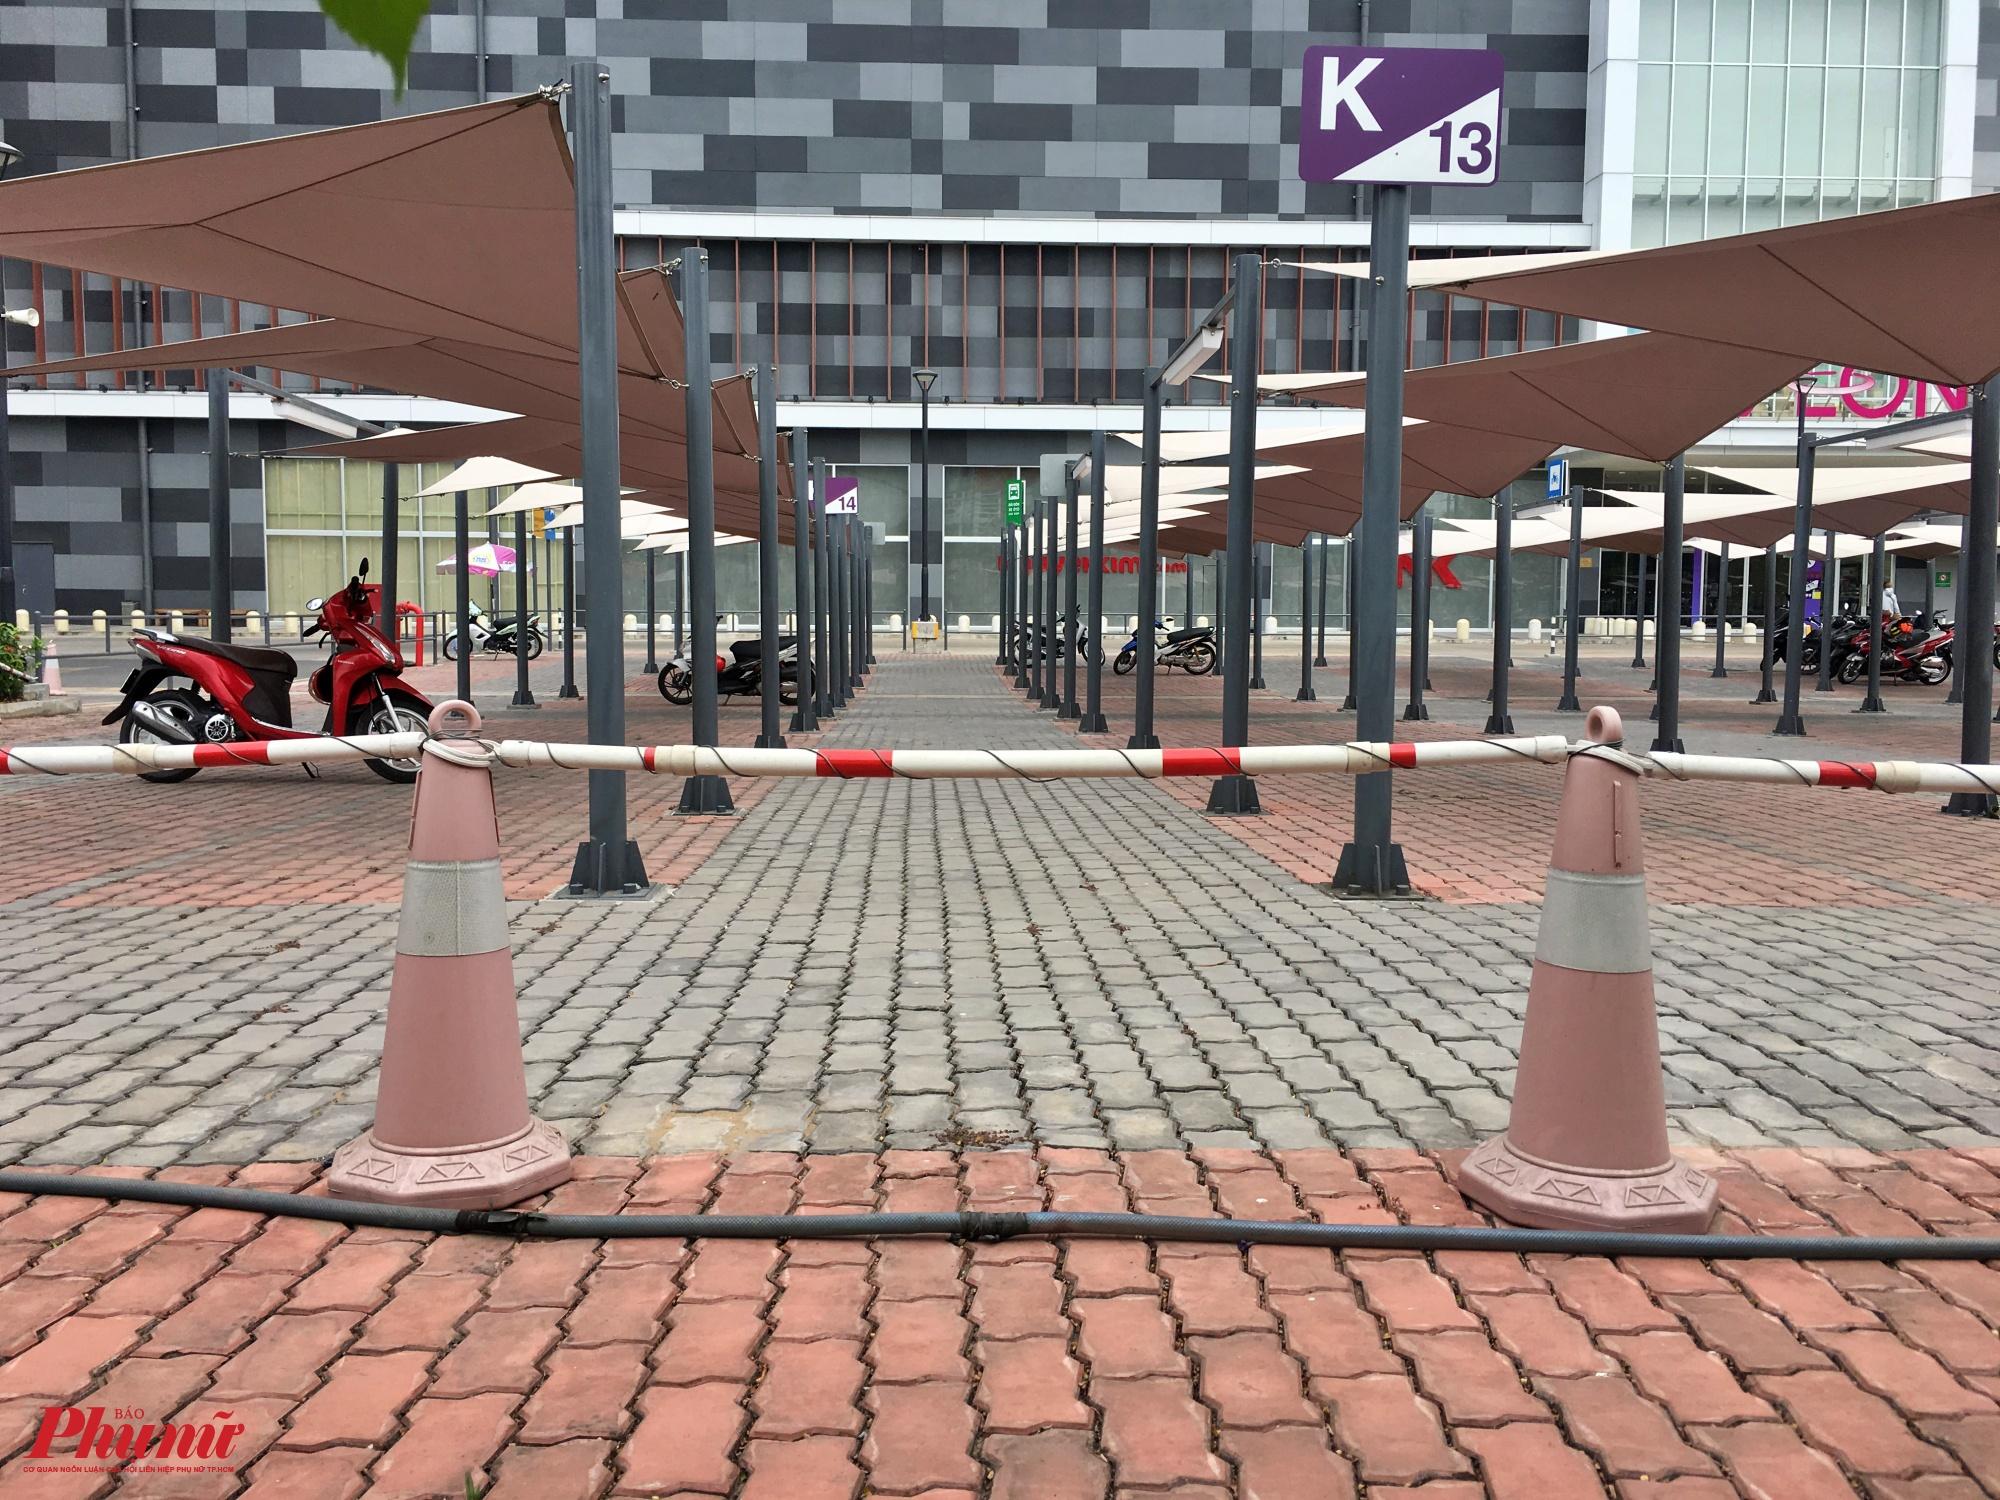 Khu đỗ xe của trung tâm thương mại Eaon ở Tân Phú cũng vắng vẻ vào sáng chủ nhật 9/2